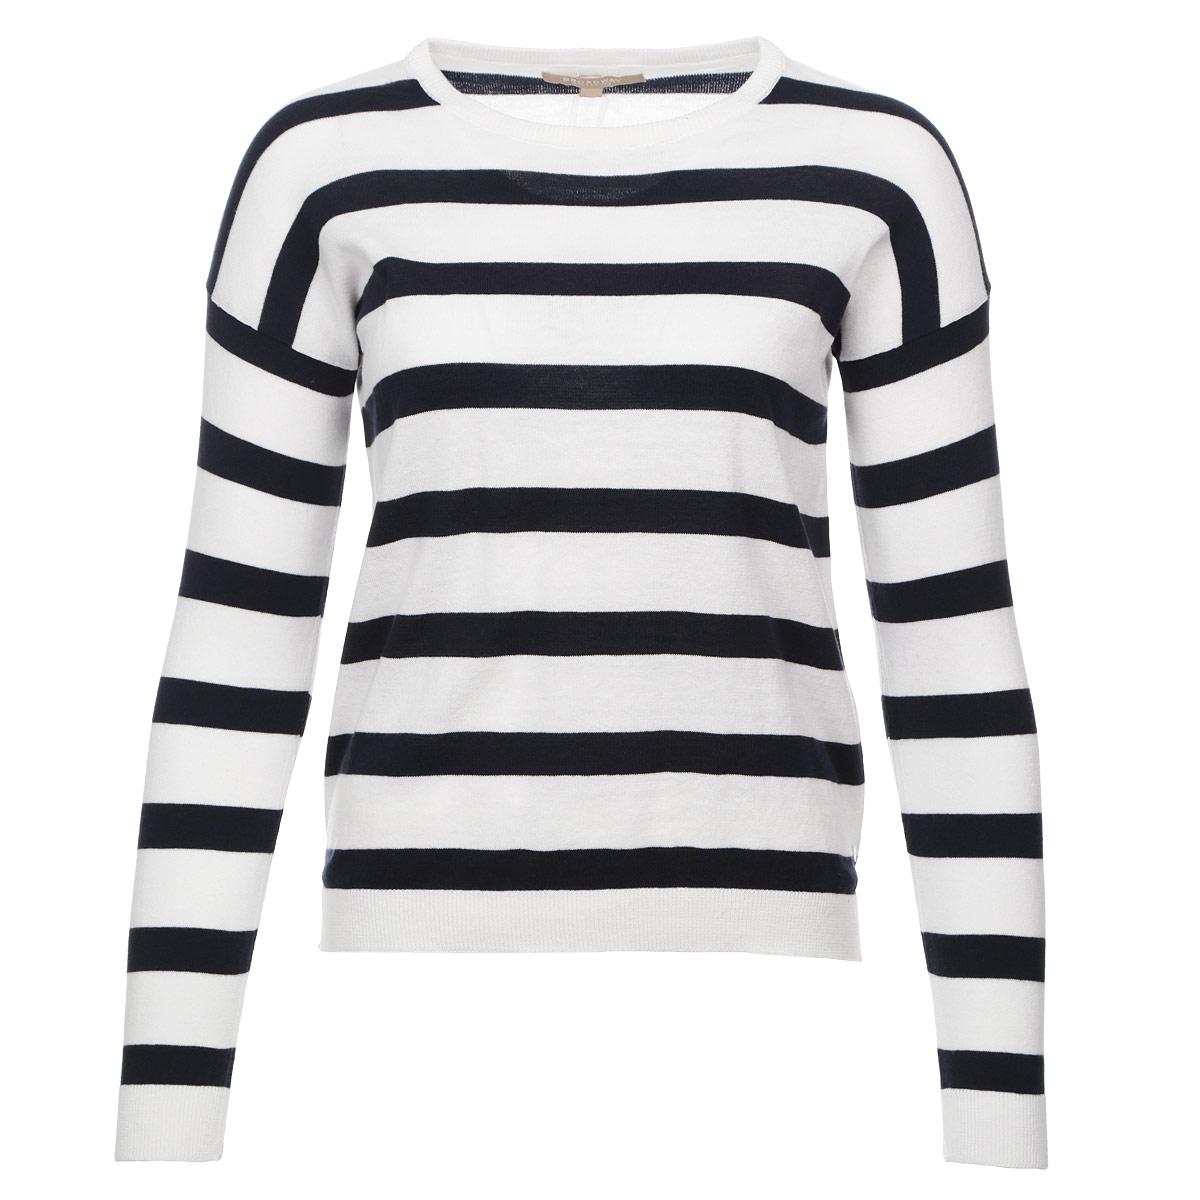 Пуловер женский. 10152606 - Broadway10152606 01BСтильный женский пуловер Broadway, изготовленный из натурального хлопка, не сковывает движения, обеспечивая наибольший комфорт. Модель с круглым вырезом горловины и длинными рукавами оформлена полосатым принтом. Снизу предусмотрены боковые разрезы. Этот модный пуловер послужит отличным дополнением к вашему гардеробу, он станет главной составляющей вашего стиля. В нем вы всегда будете чувствовать себя уютно и комфортно.